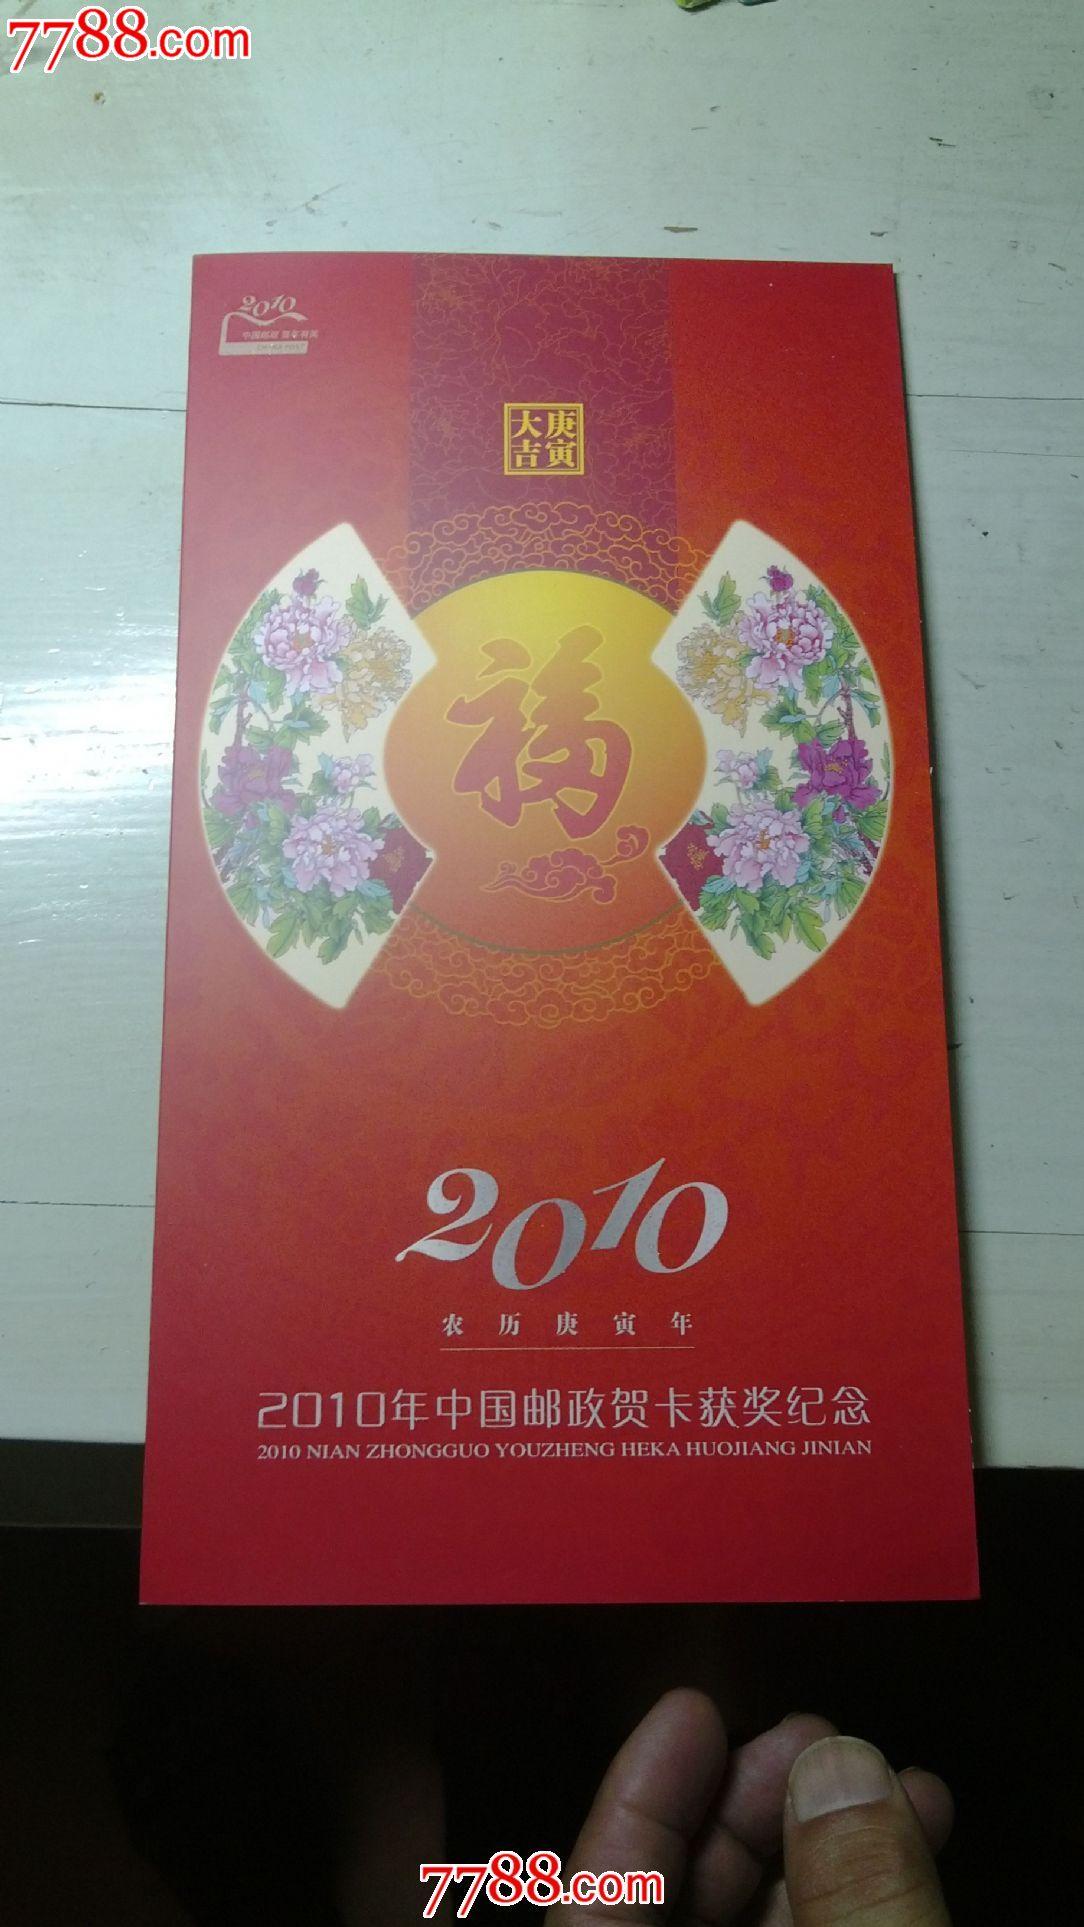 2014中国邮政贺年有奖兑奖号码在信封什么位置_2014年中国邮政兑奖_2014年邮政贺卡兑奖